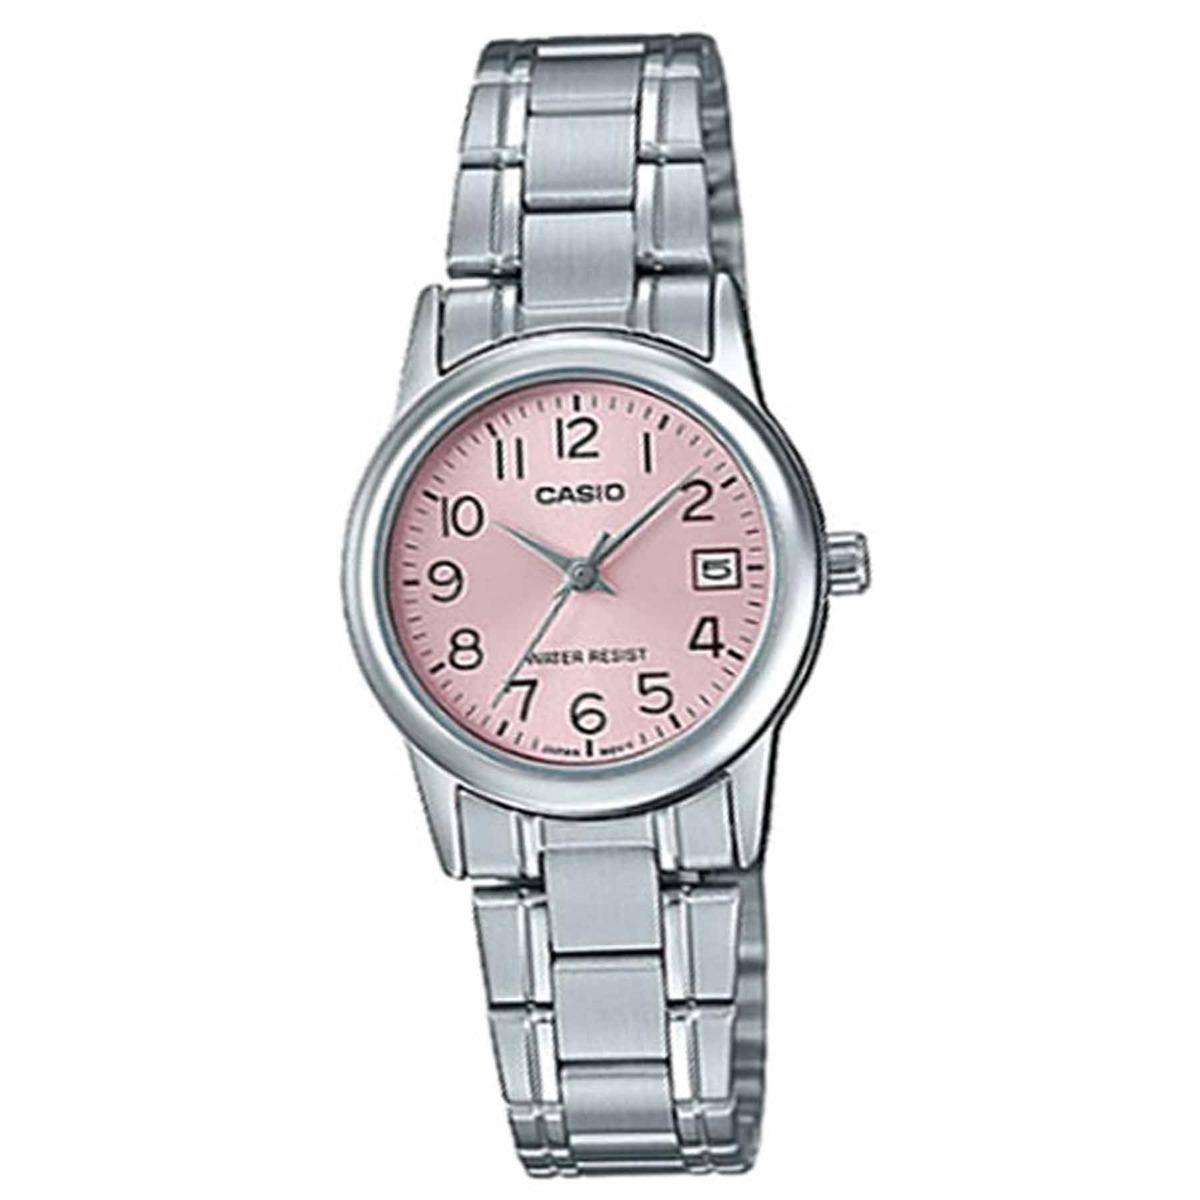 276787a4f66 Relógio Casio Collection Analógico Feminino Ltp-v002d-4budf